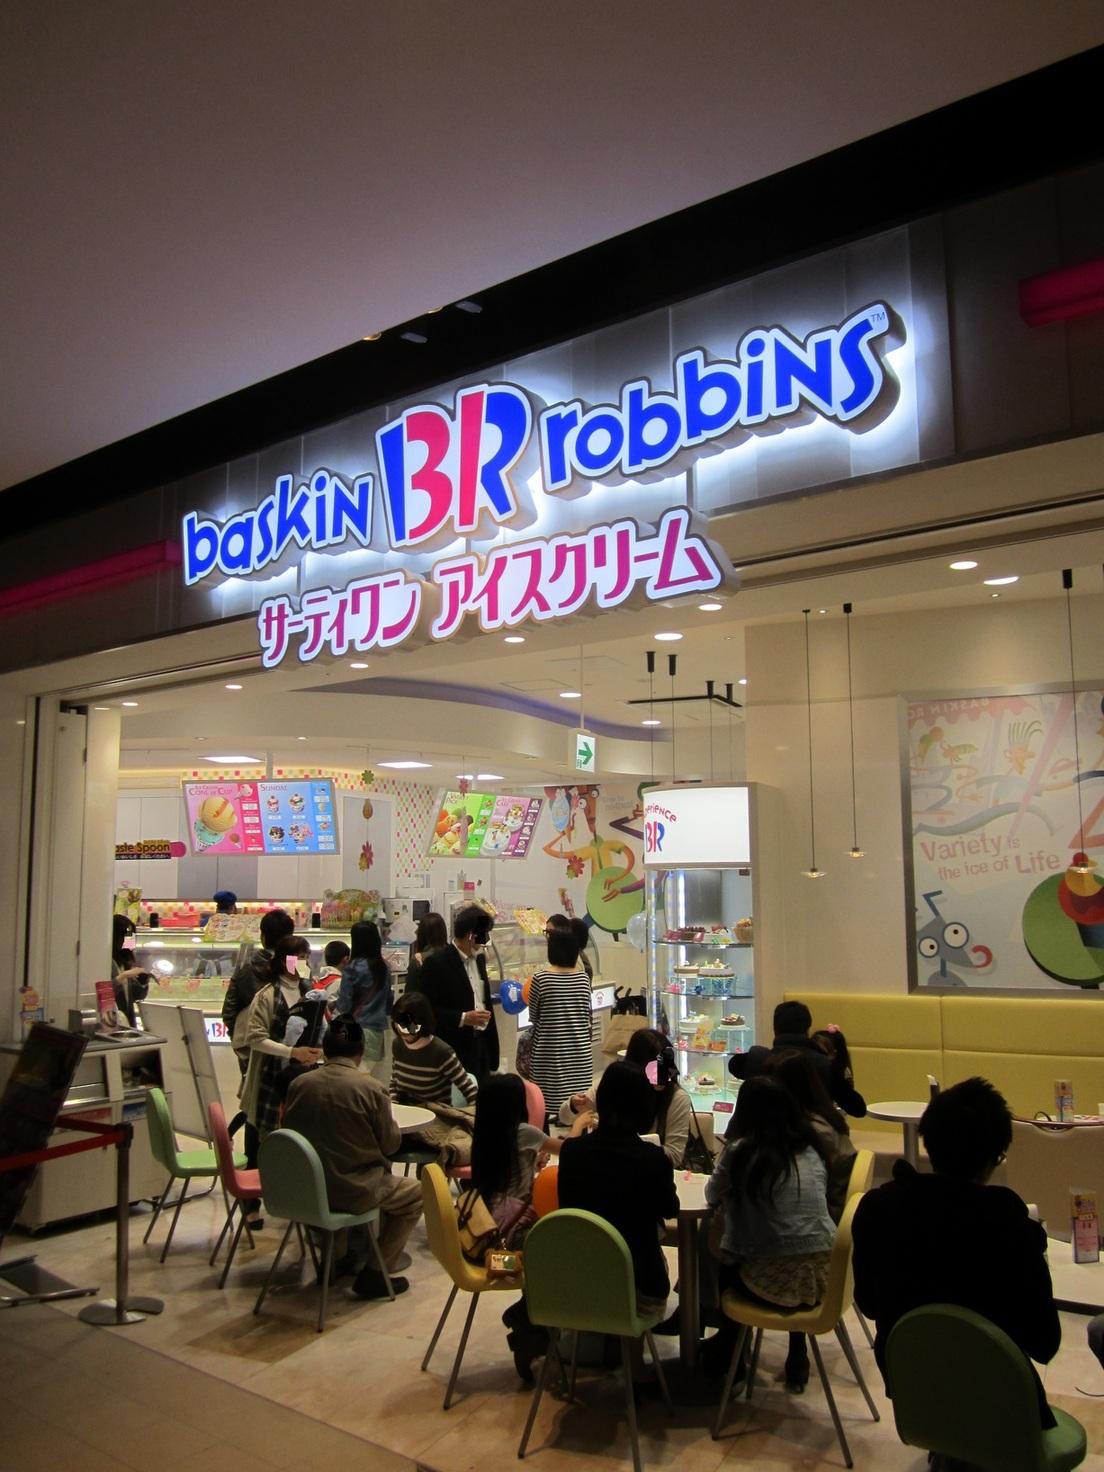 サーティワン エクスペリエンス ダイバーシティ東京プラザ店